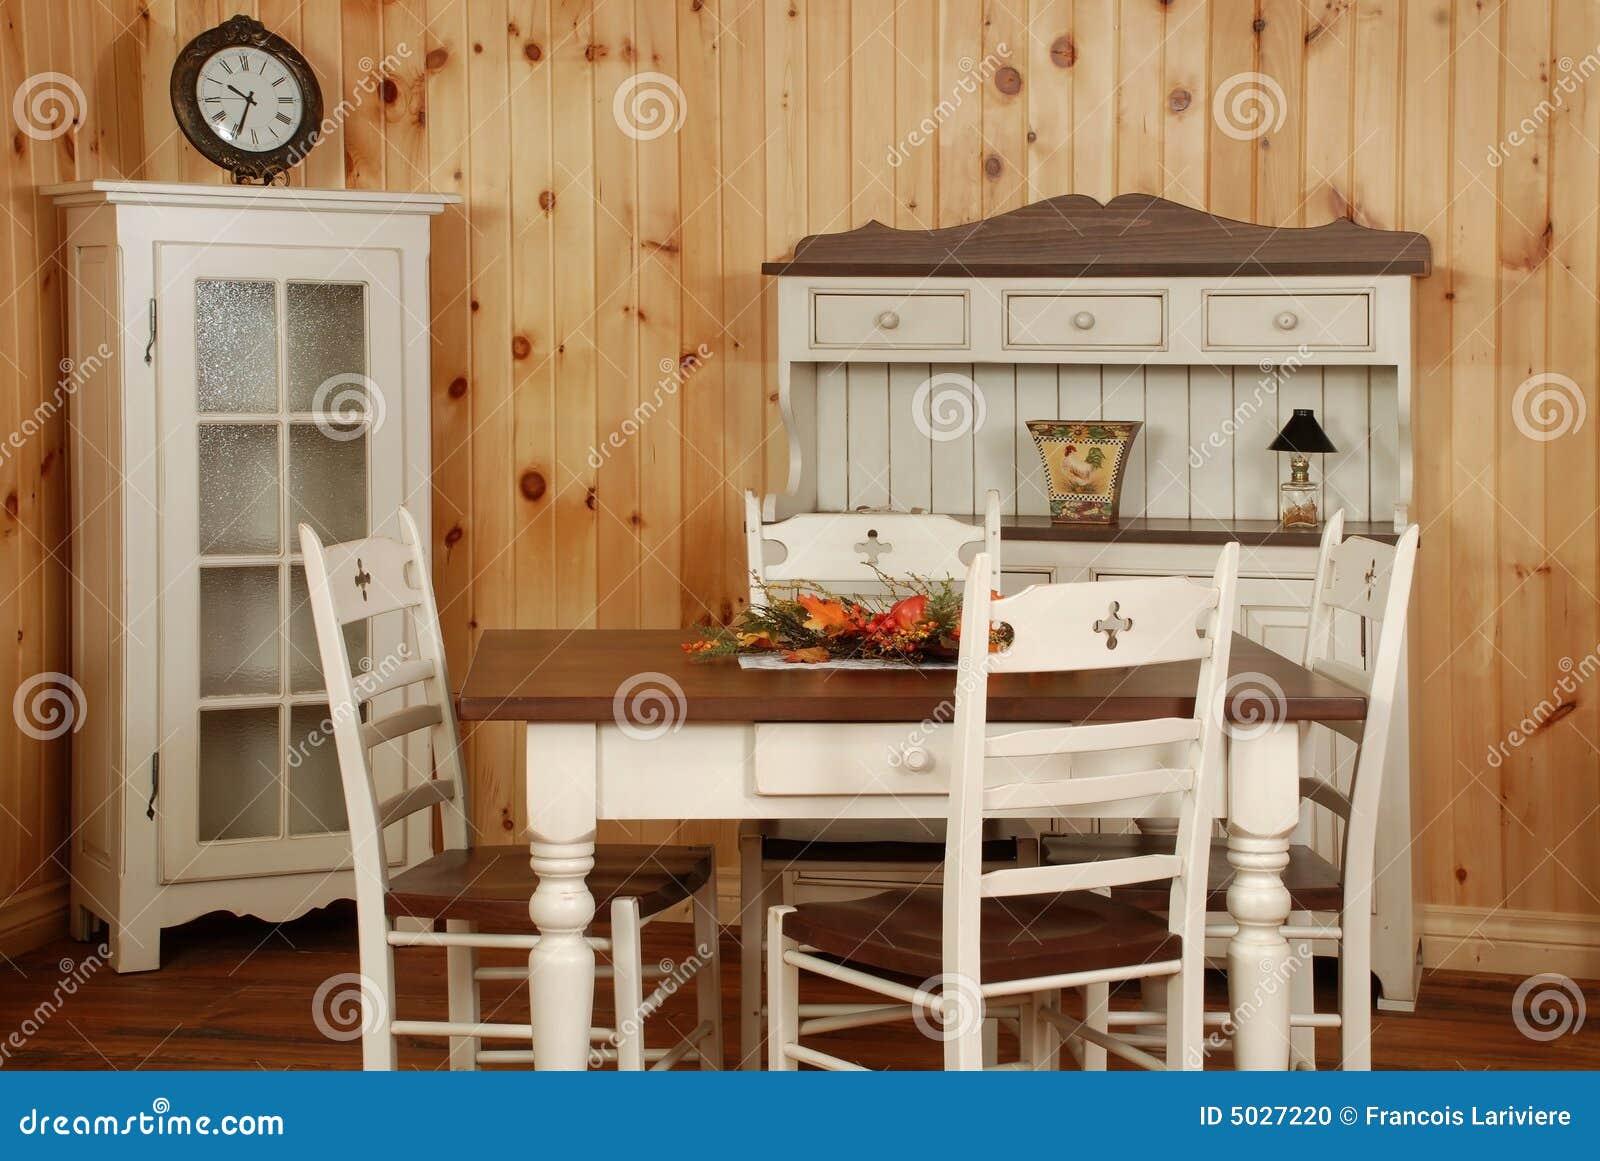 vieux positionnement de cuisine en bois de pin photo stock. Black Bedroom Furniture Sets. Home Design Ideas